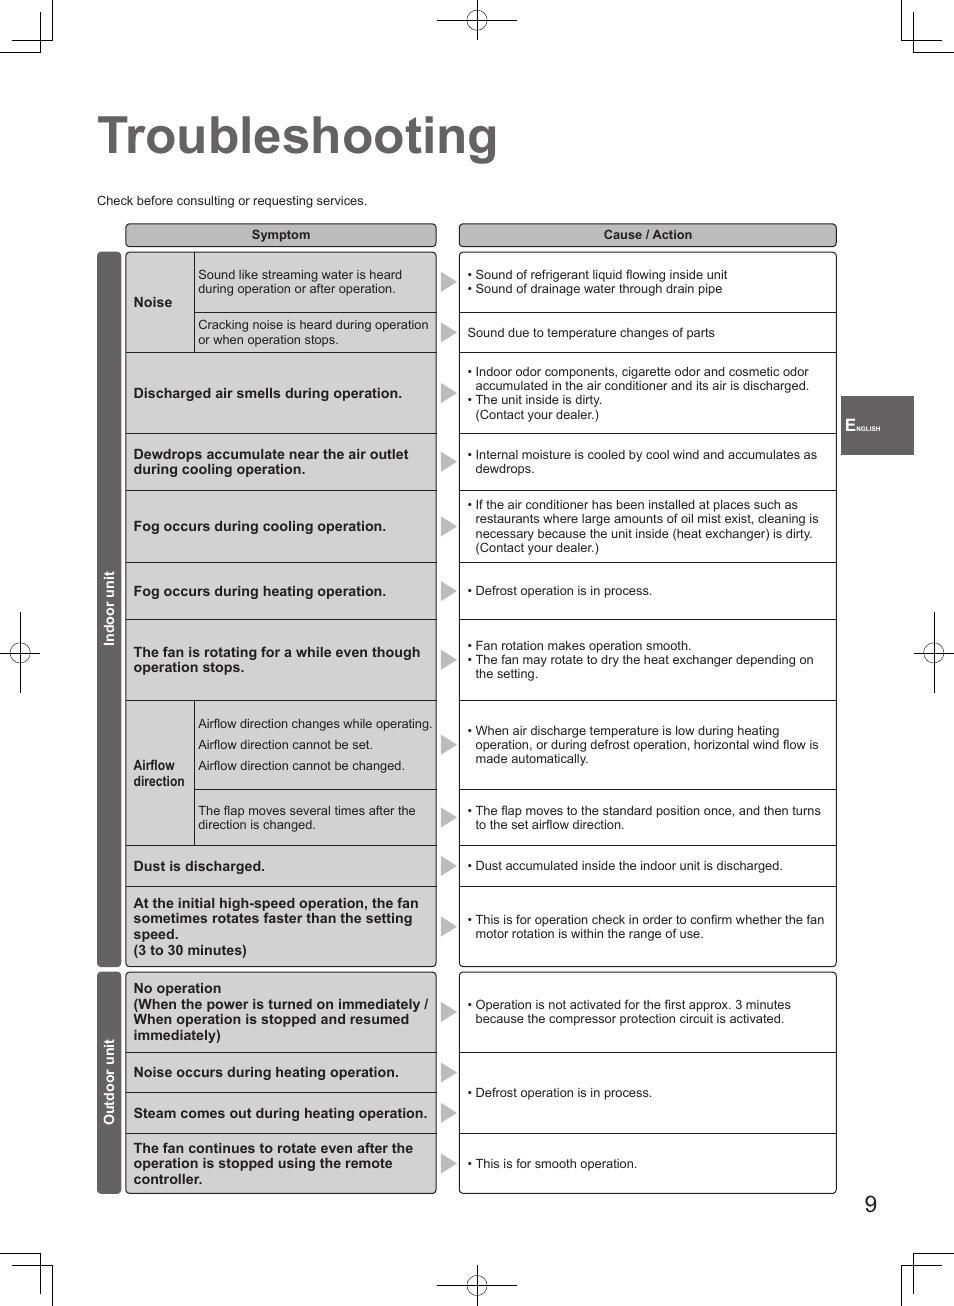 troubleshooting panasonic u71pey1e5 user manual page 9 80 rh manualsdir com Panasonic Viera Manual Panasonic Owner's Manual